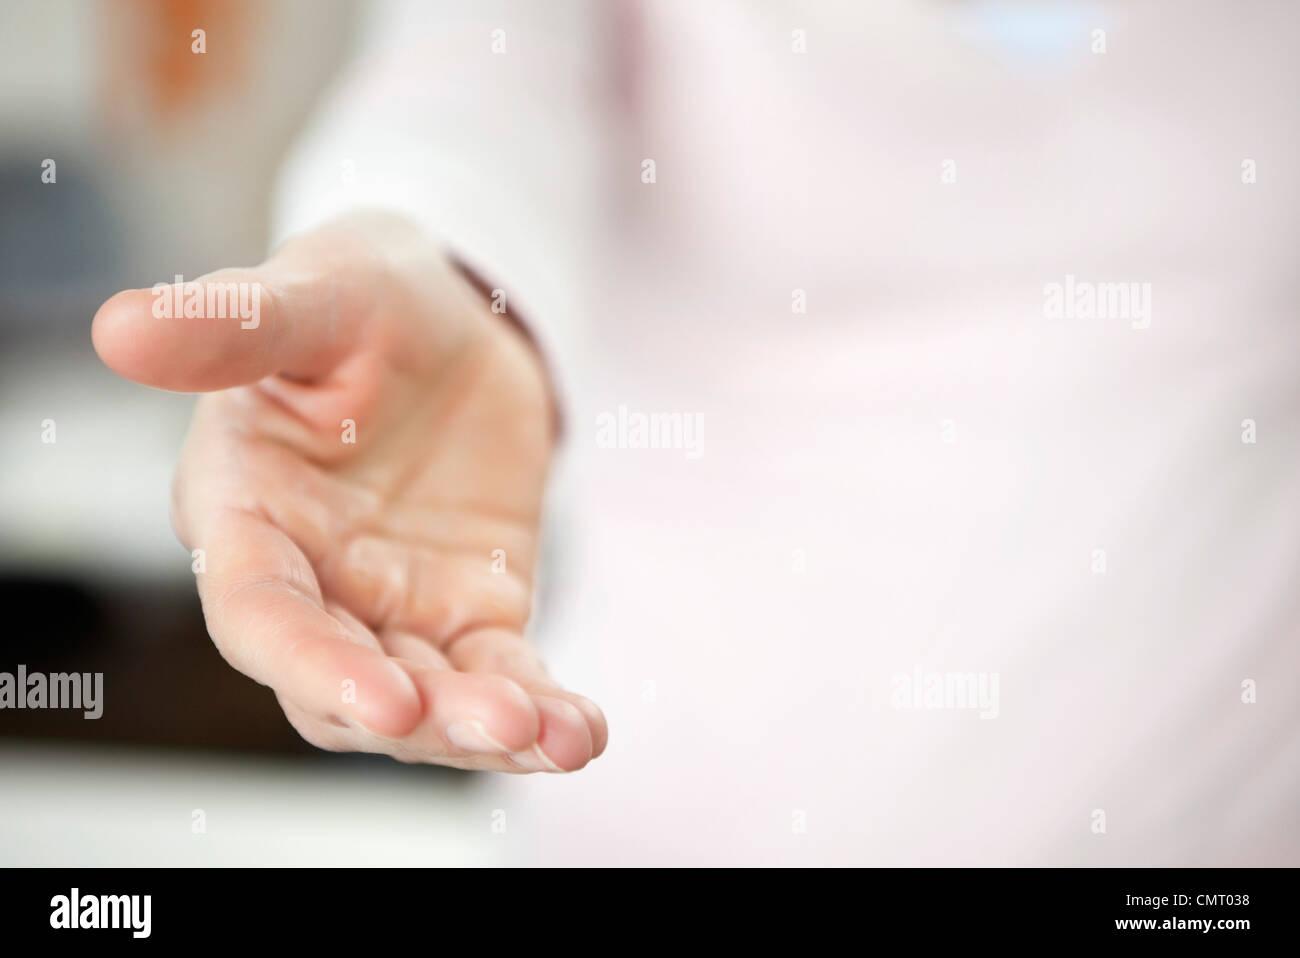 Cerca de una persona sujeta a mano Imagen De Stock